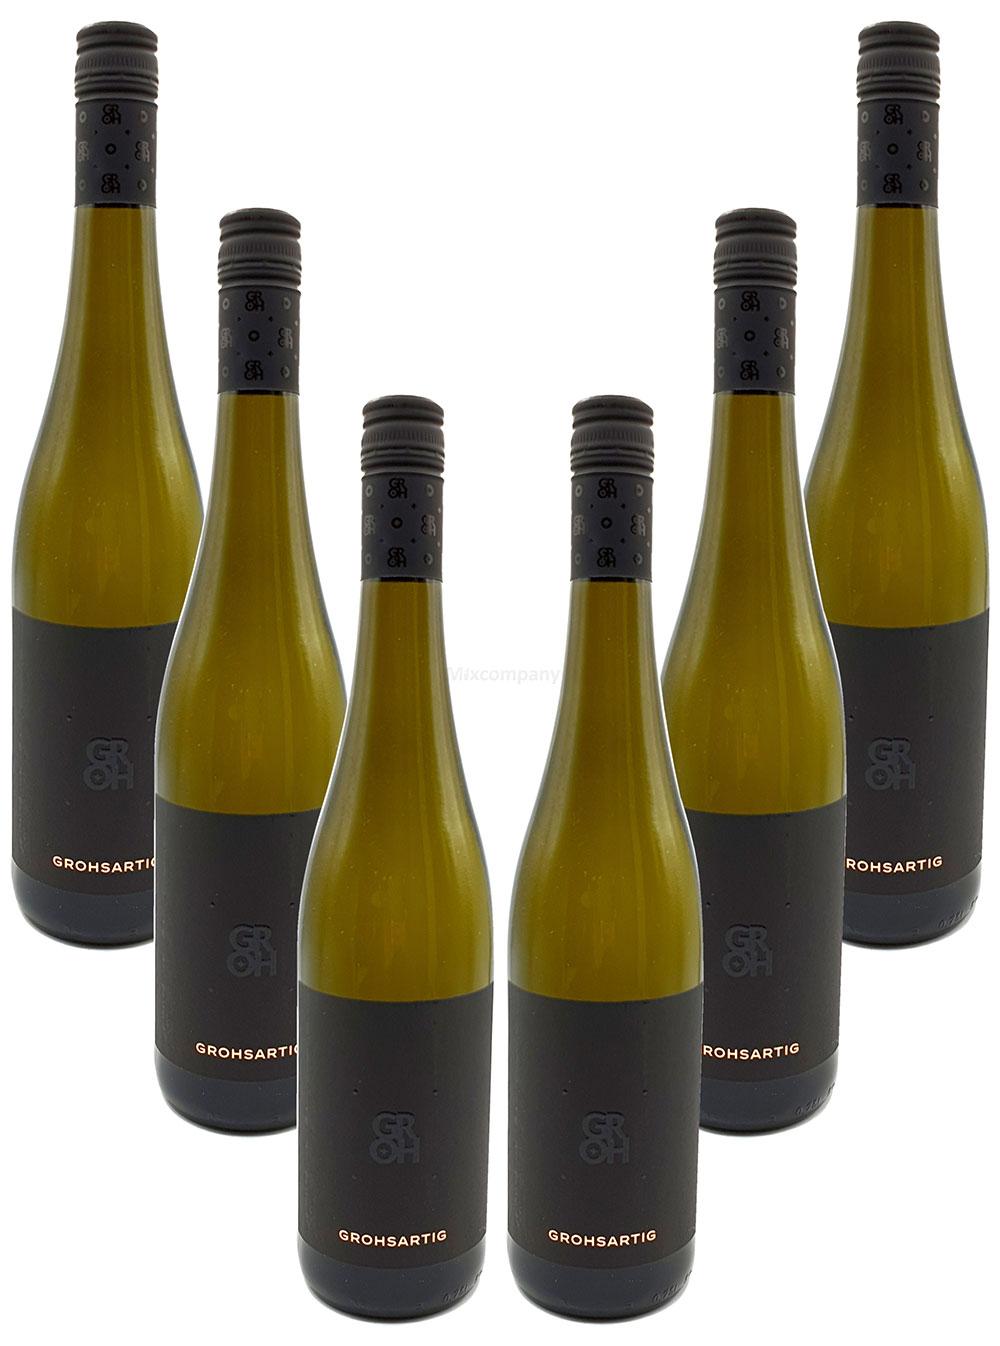 Groh - 6er Set Grohsartig Weissburgunder Chardonnay Trocken - Deutscher Qualitätswein 0,75L (12,5% Vol) -[Enthält Sulfite]